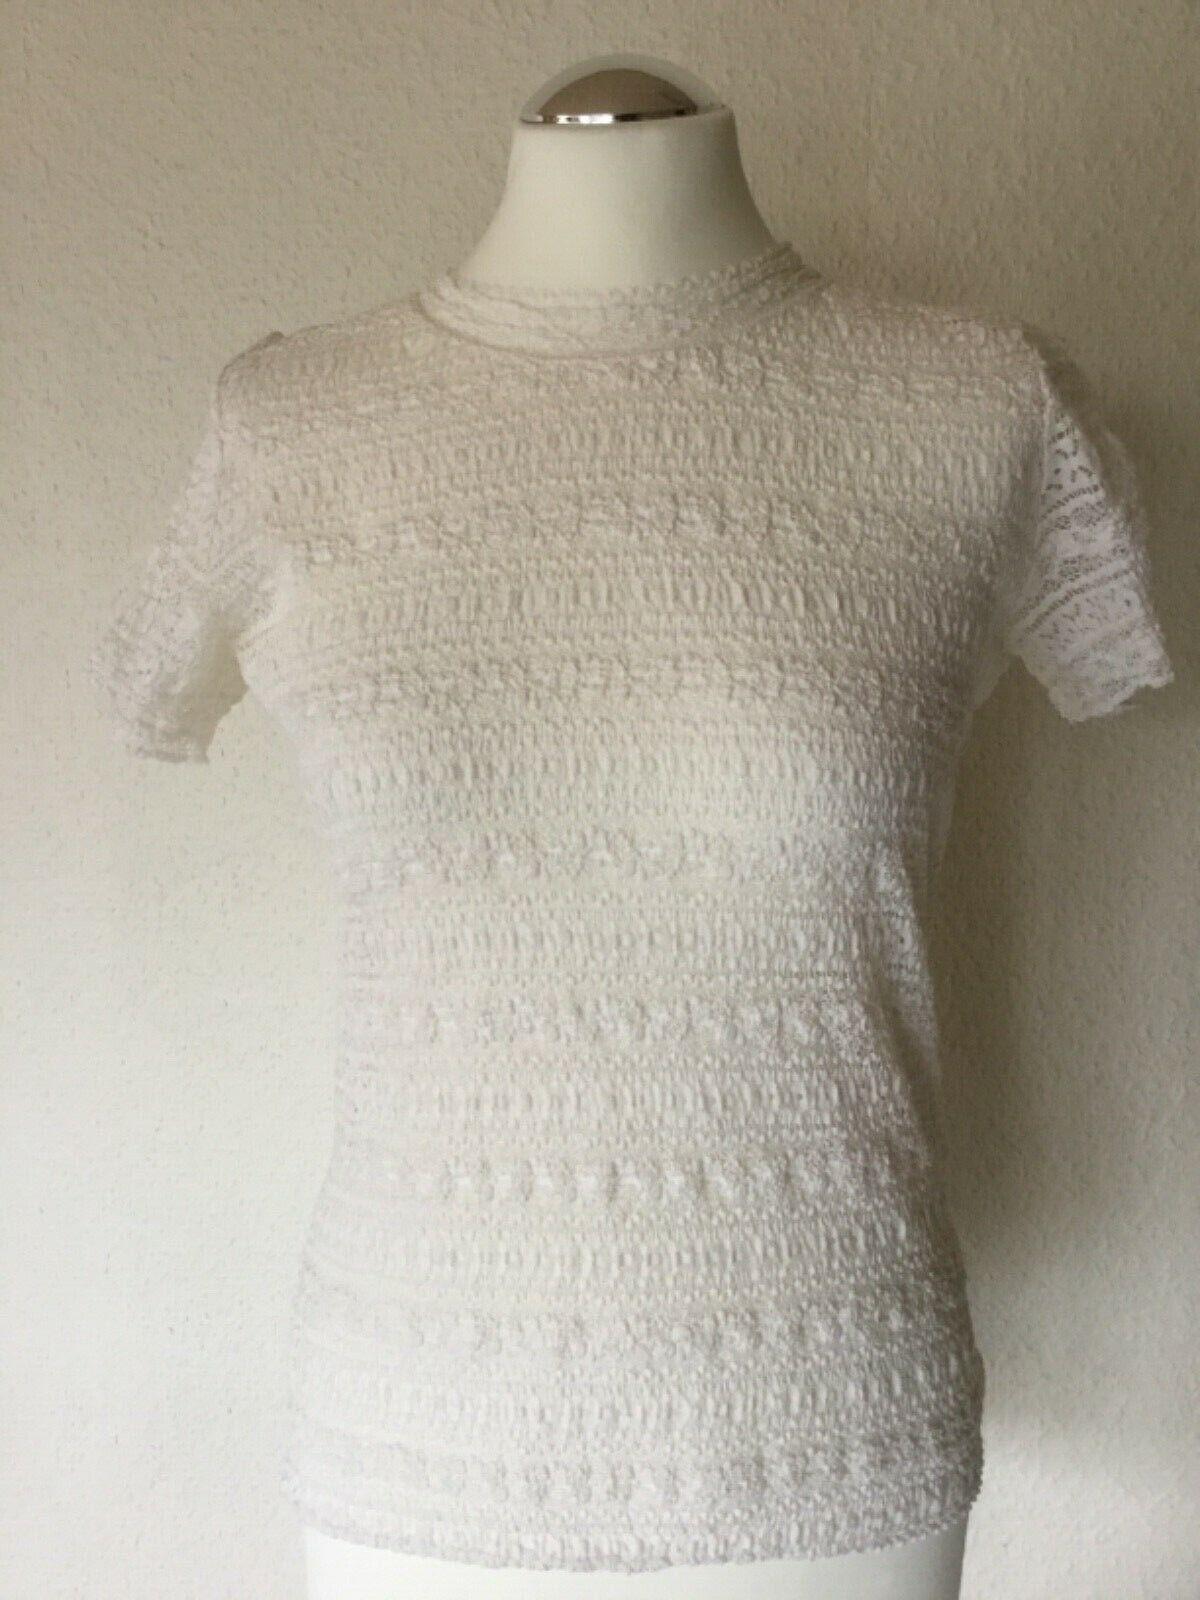 MARC CAIN Spitzen-Shirt, T-Shirt Größe 38, N3, panna creme